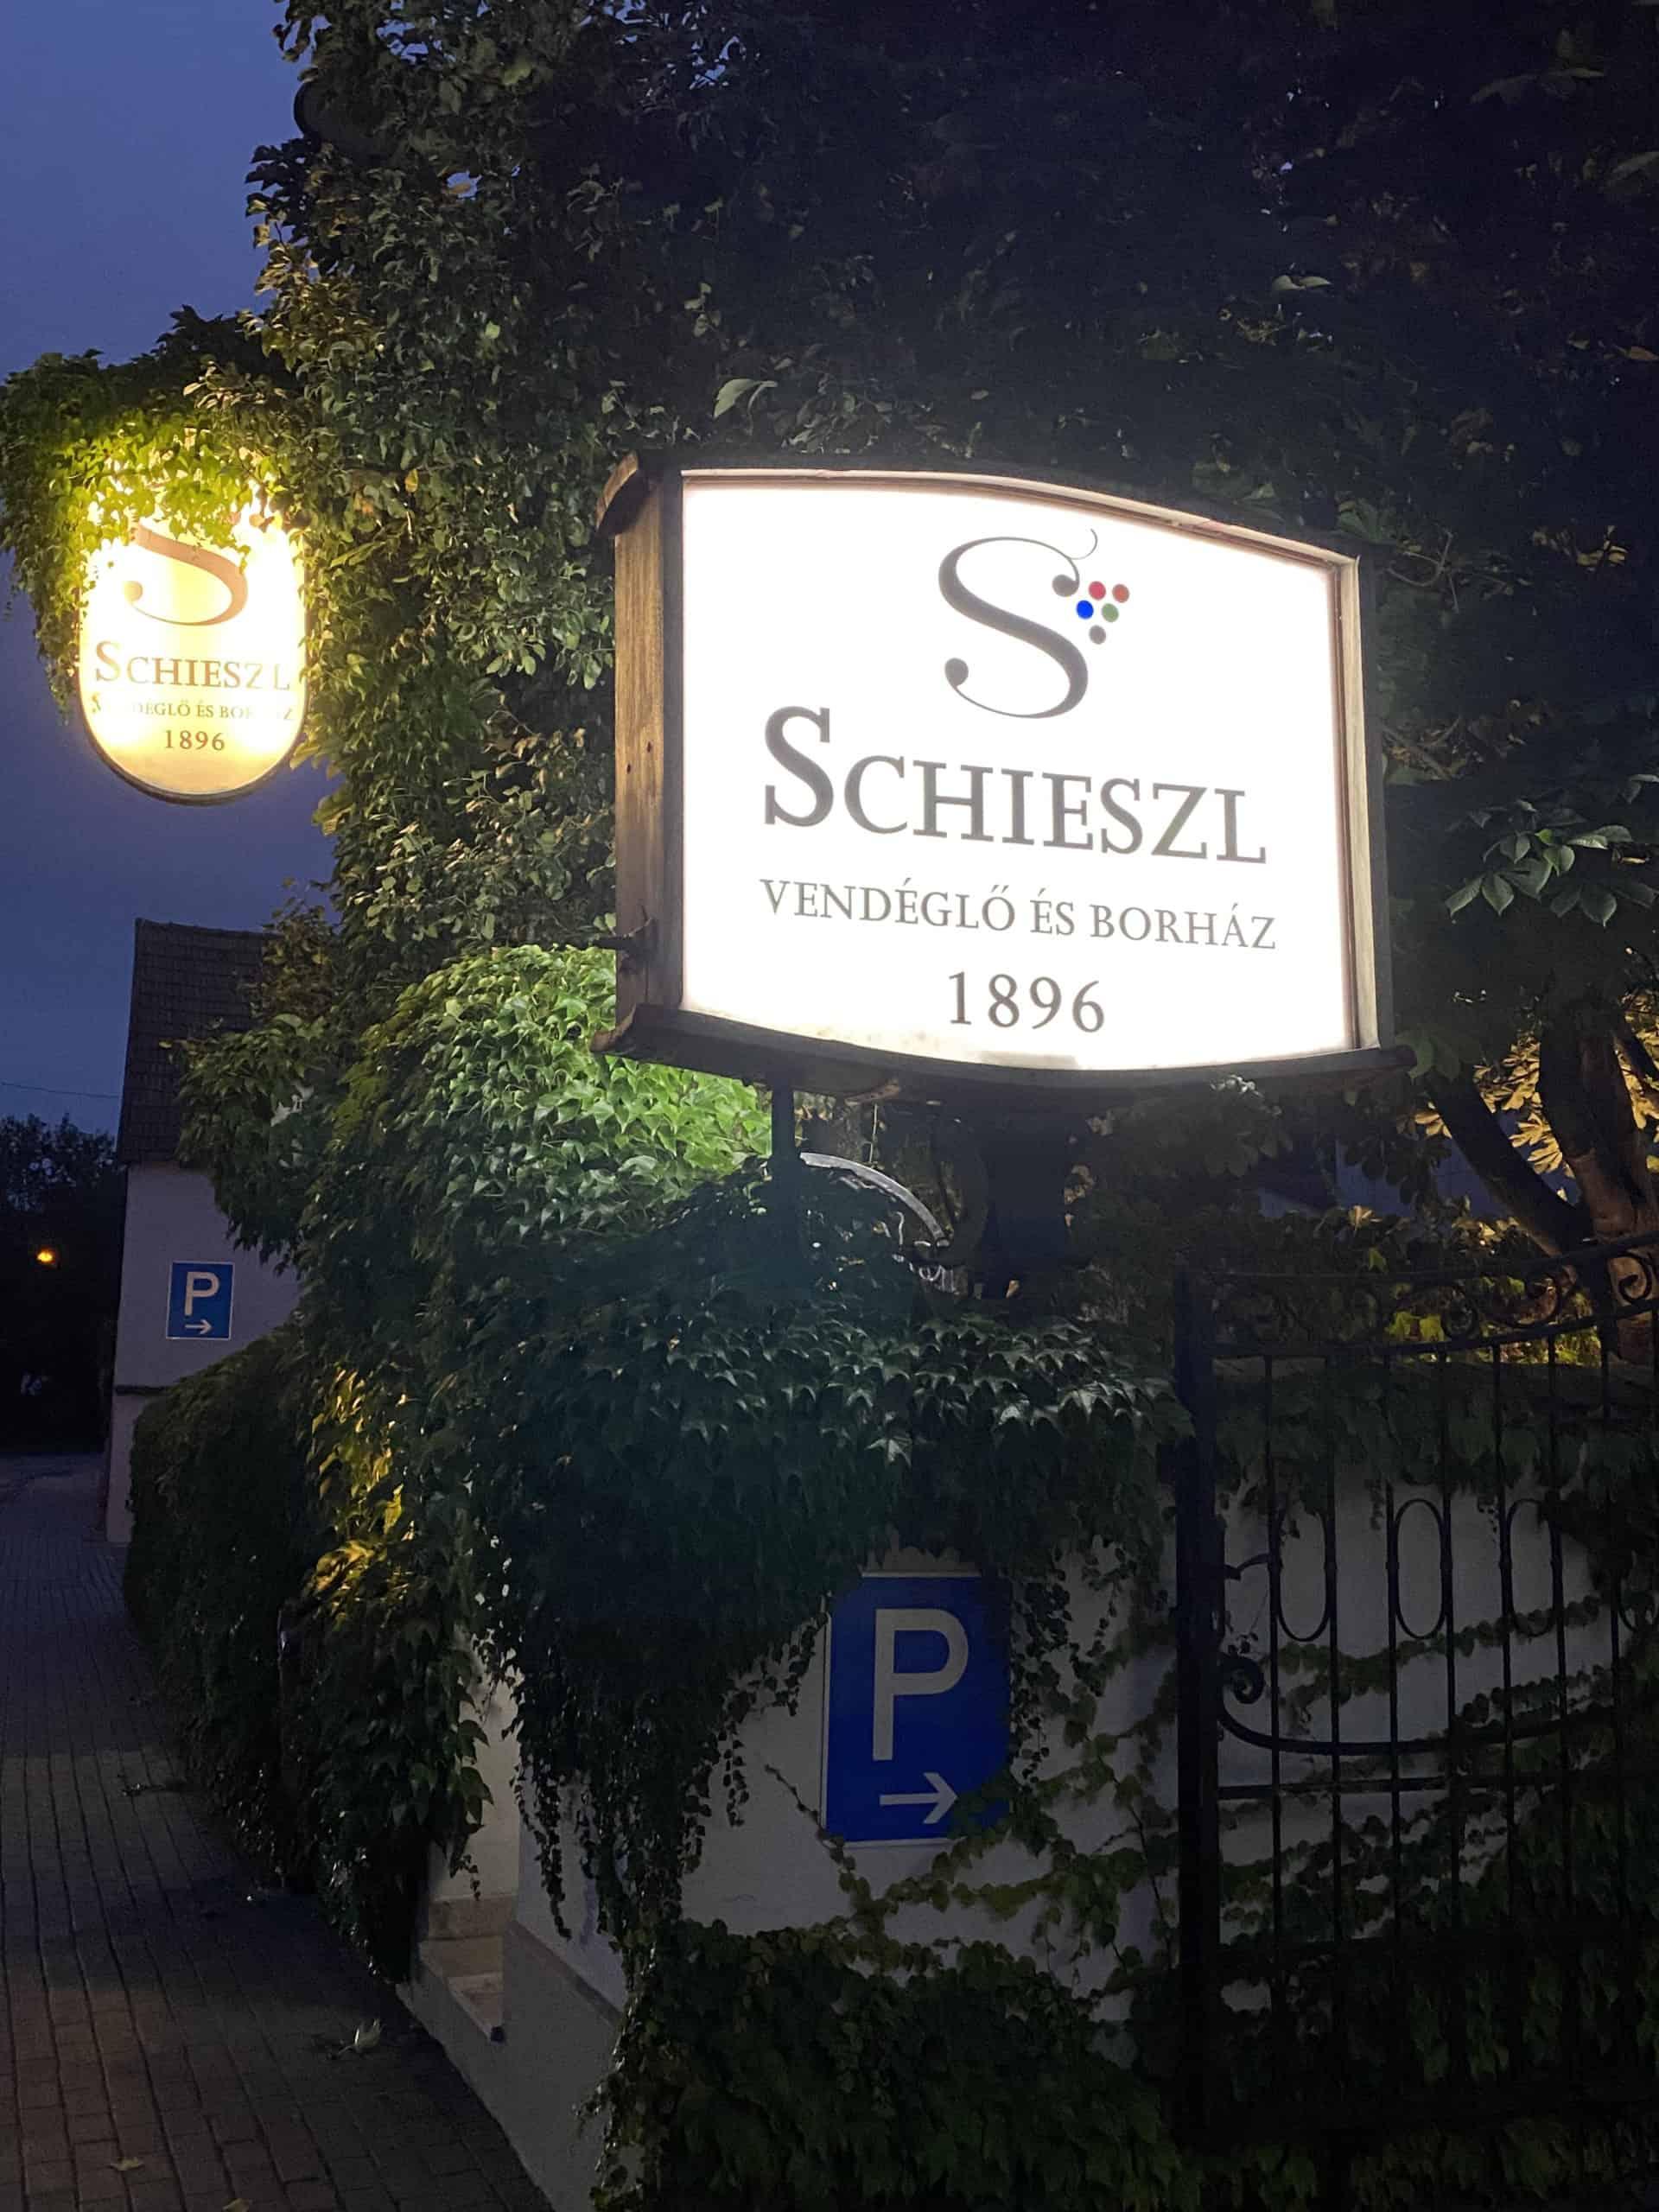 Sign for Schieszl family restaurant